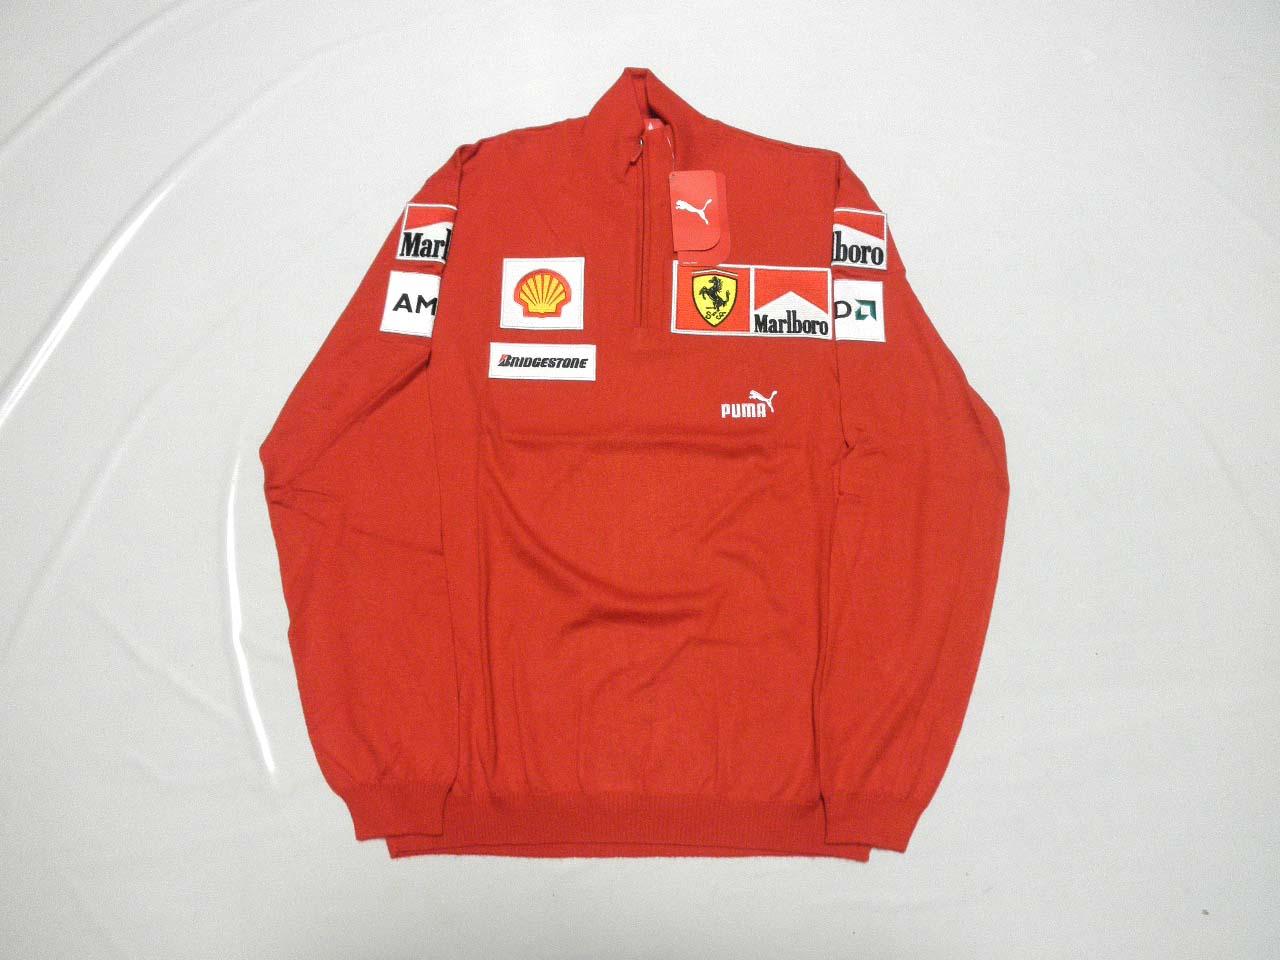 【送料無料】 フェラーリ 2009年 支給品 マルボロ タバコ版 上層部用 超高級 カシミア ハーフZIP プルオーバー セーター メンズ M new 新品 (海外直輸入 F1 非売品 グッズ) 一度は試して欲しい品質。素晴らしいの一言。